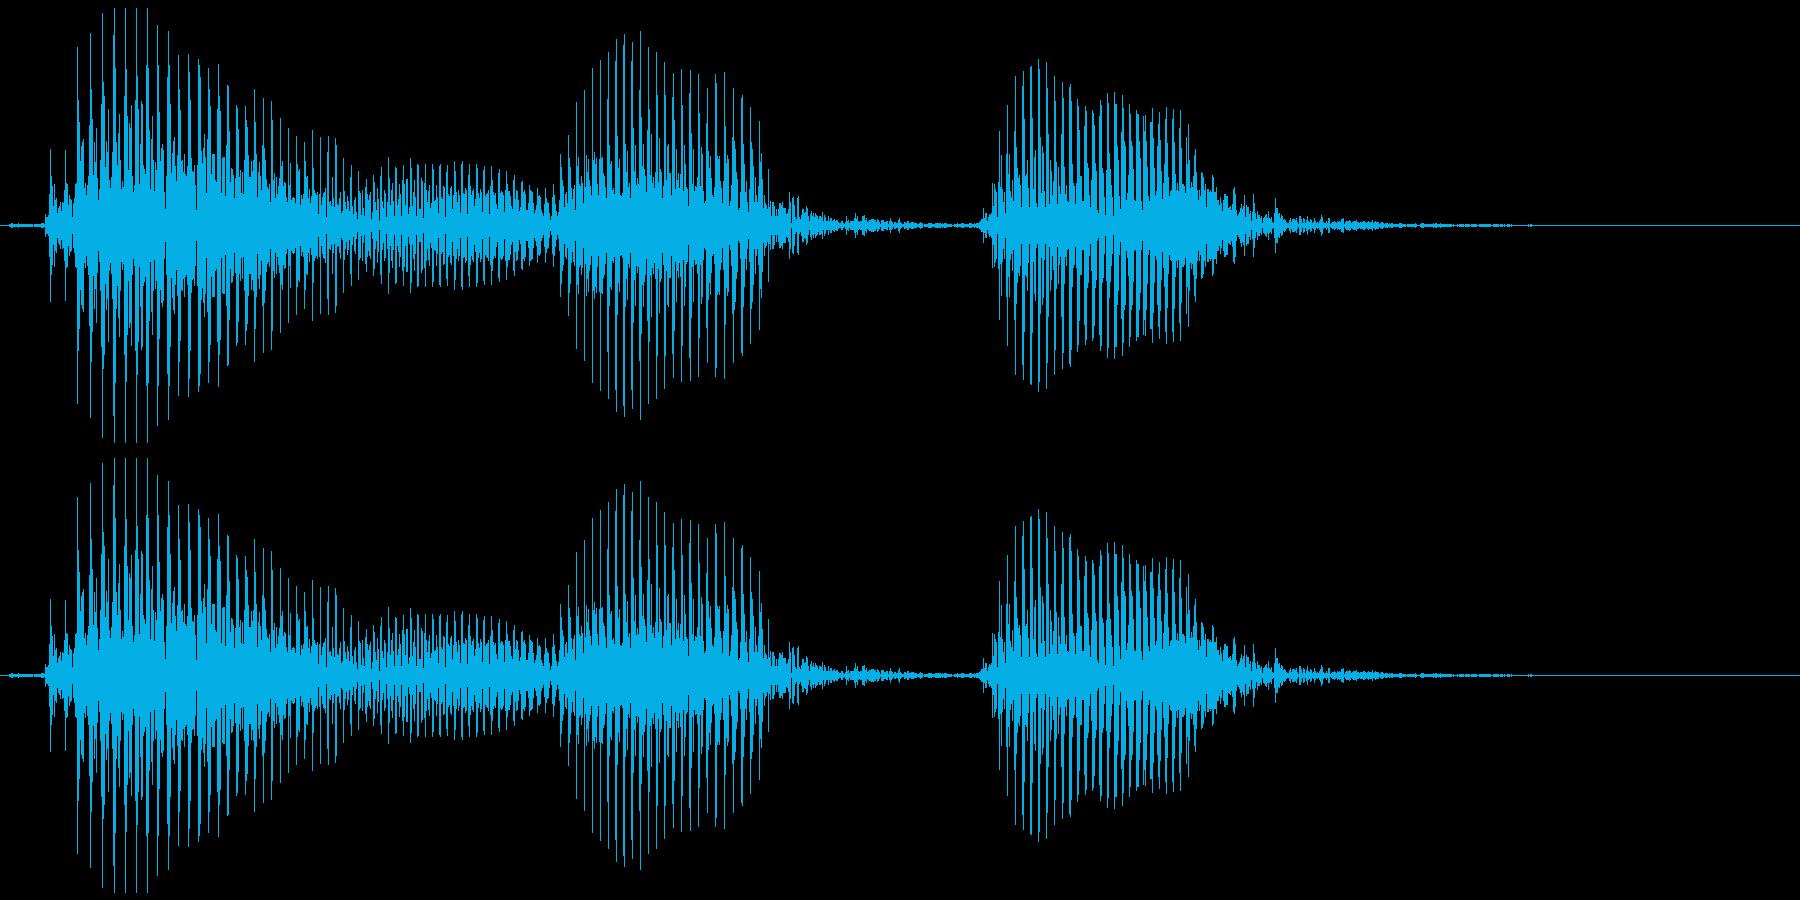 あんがとの再生済みの波形